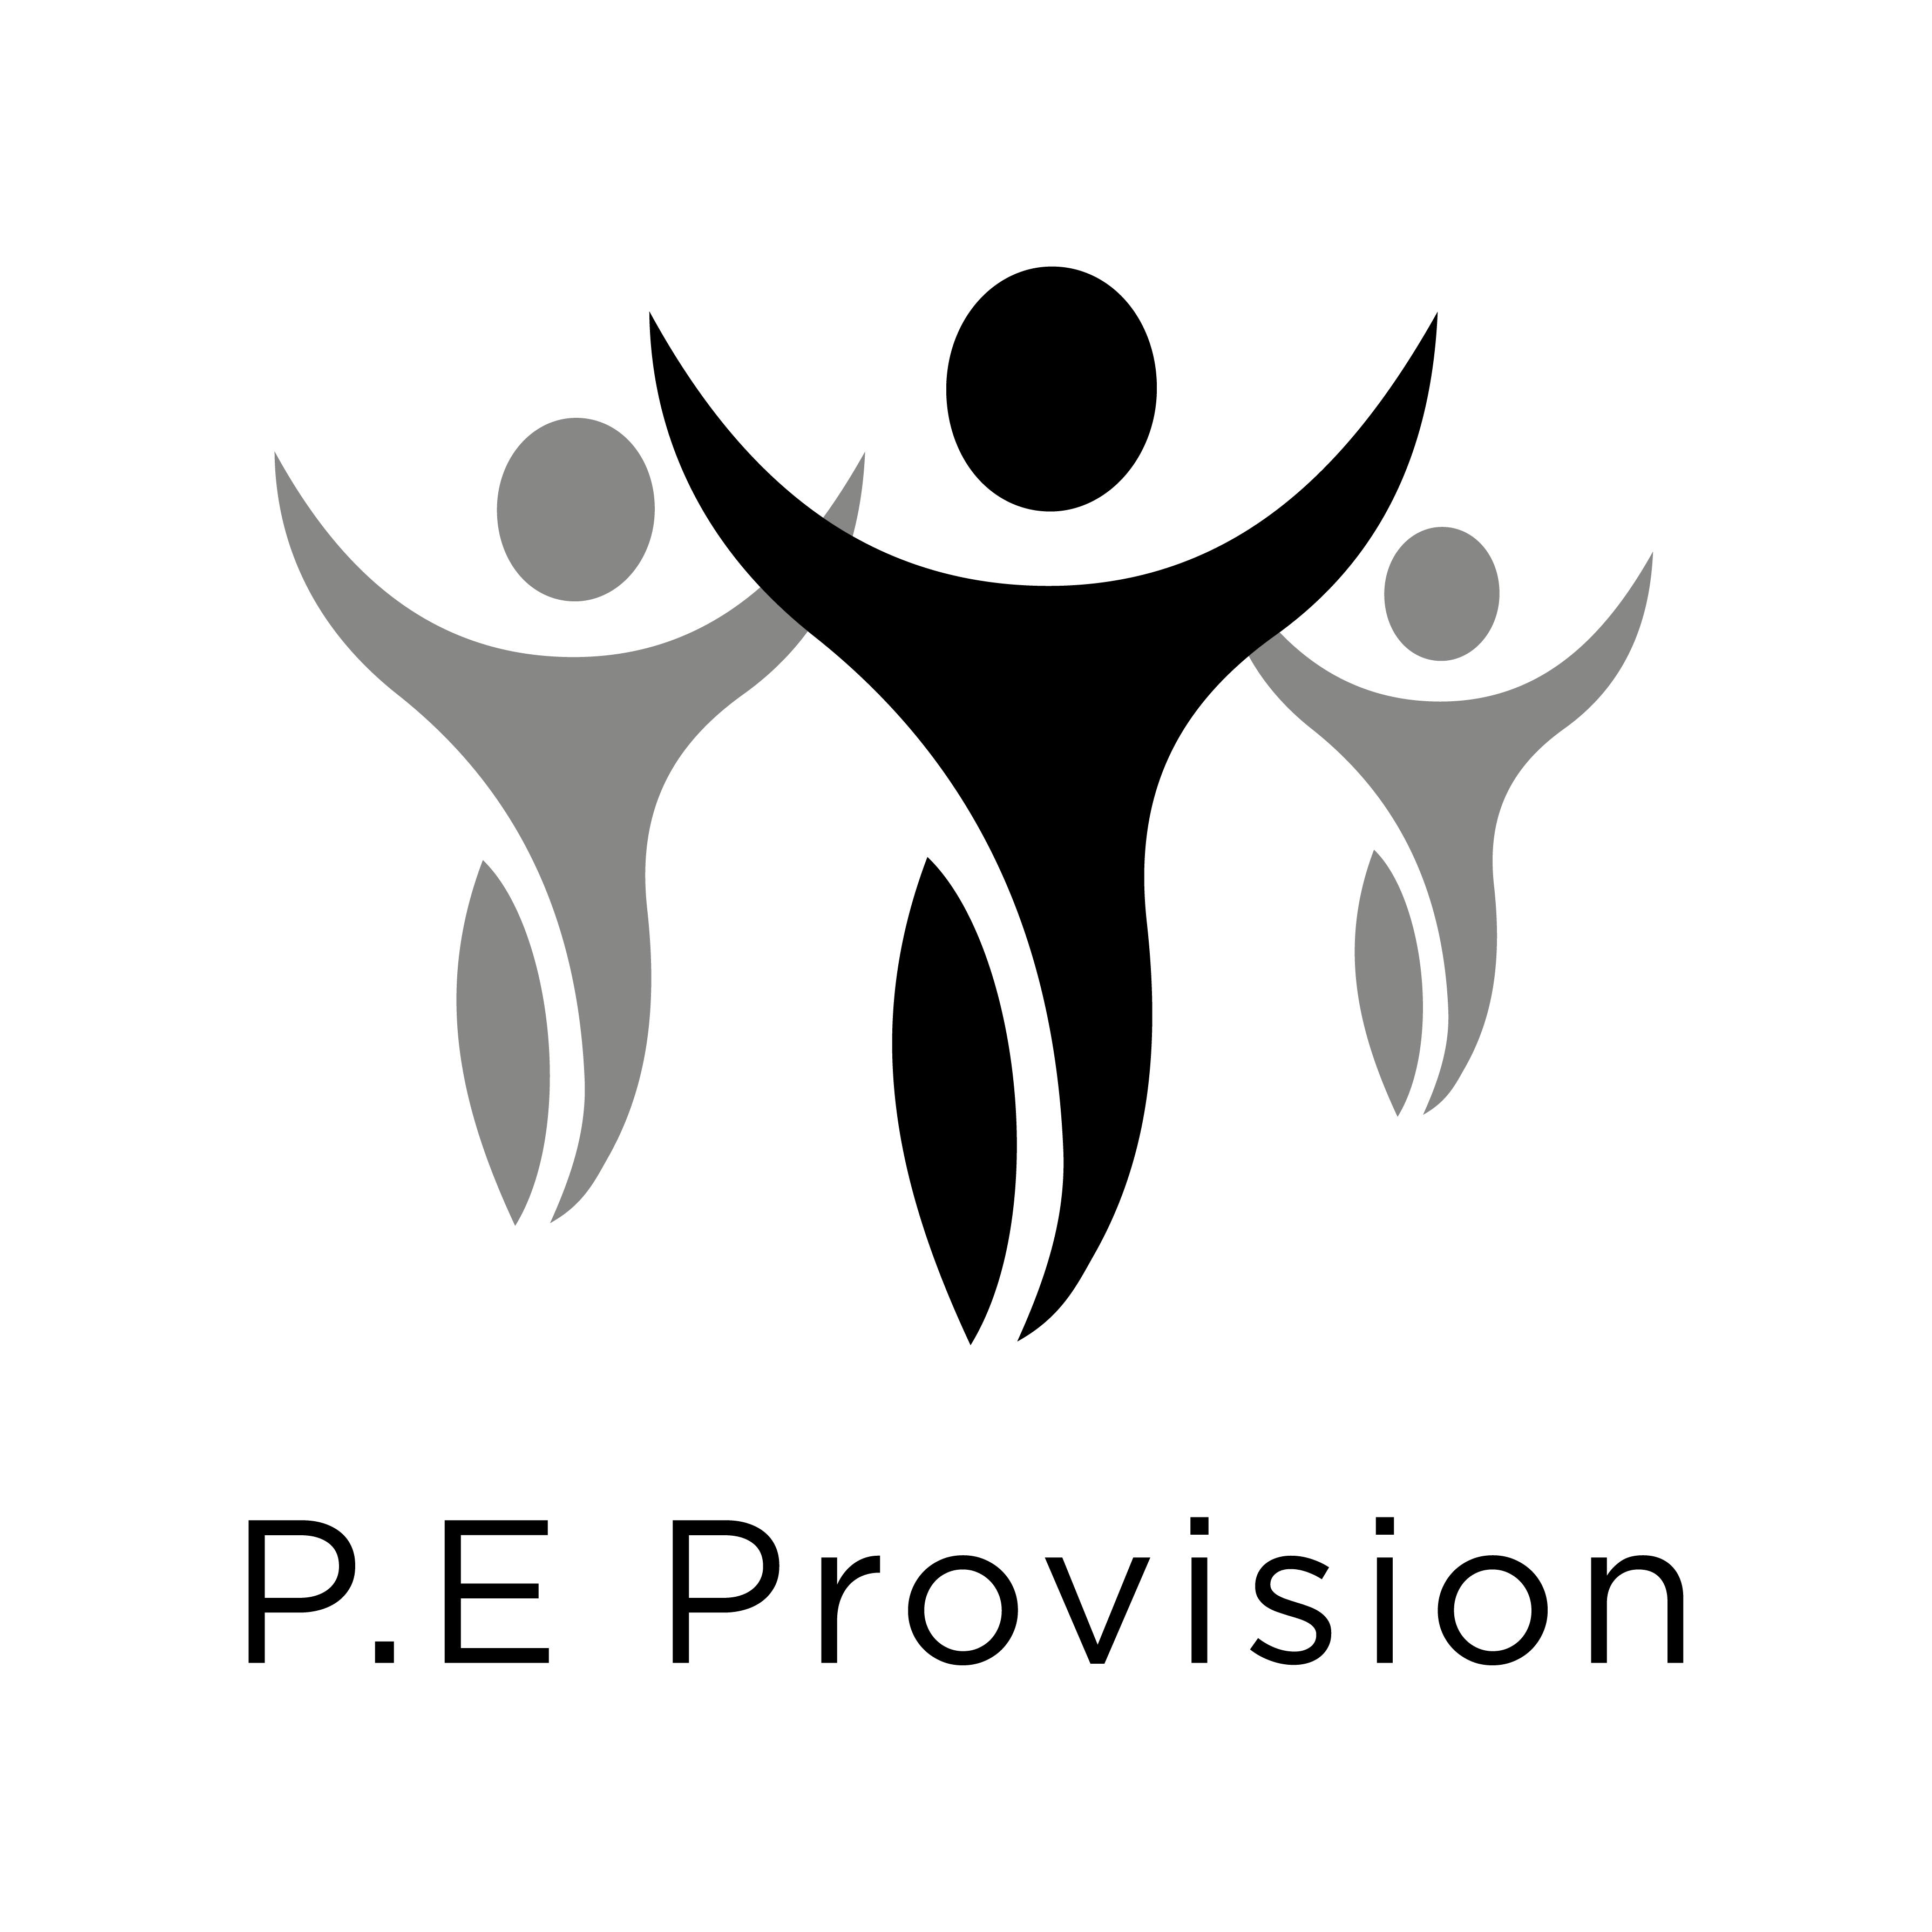 P.E Provision